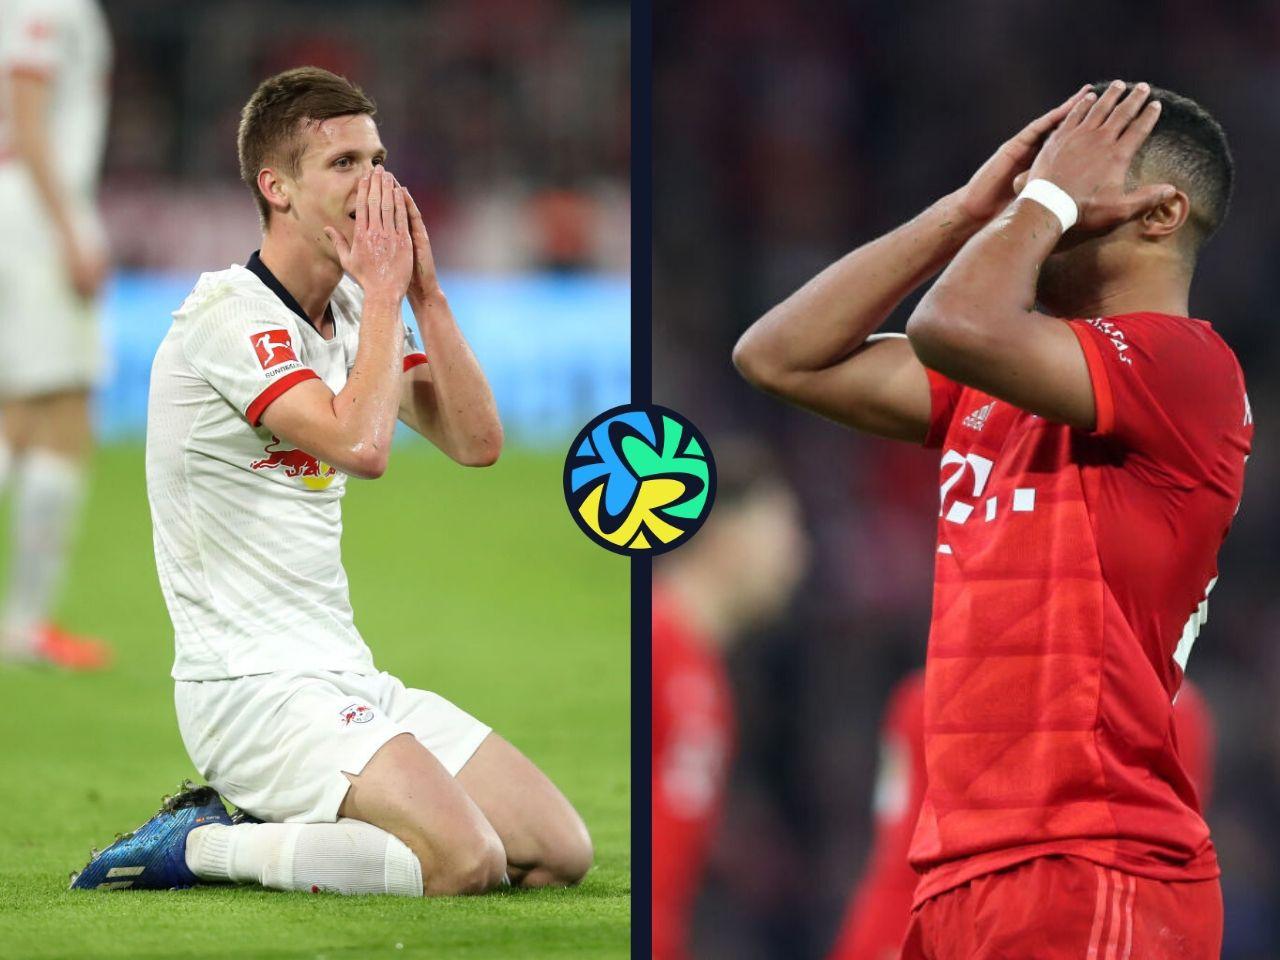 Bayern munihc vs rb leipzig